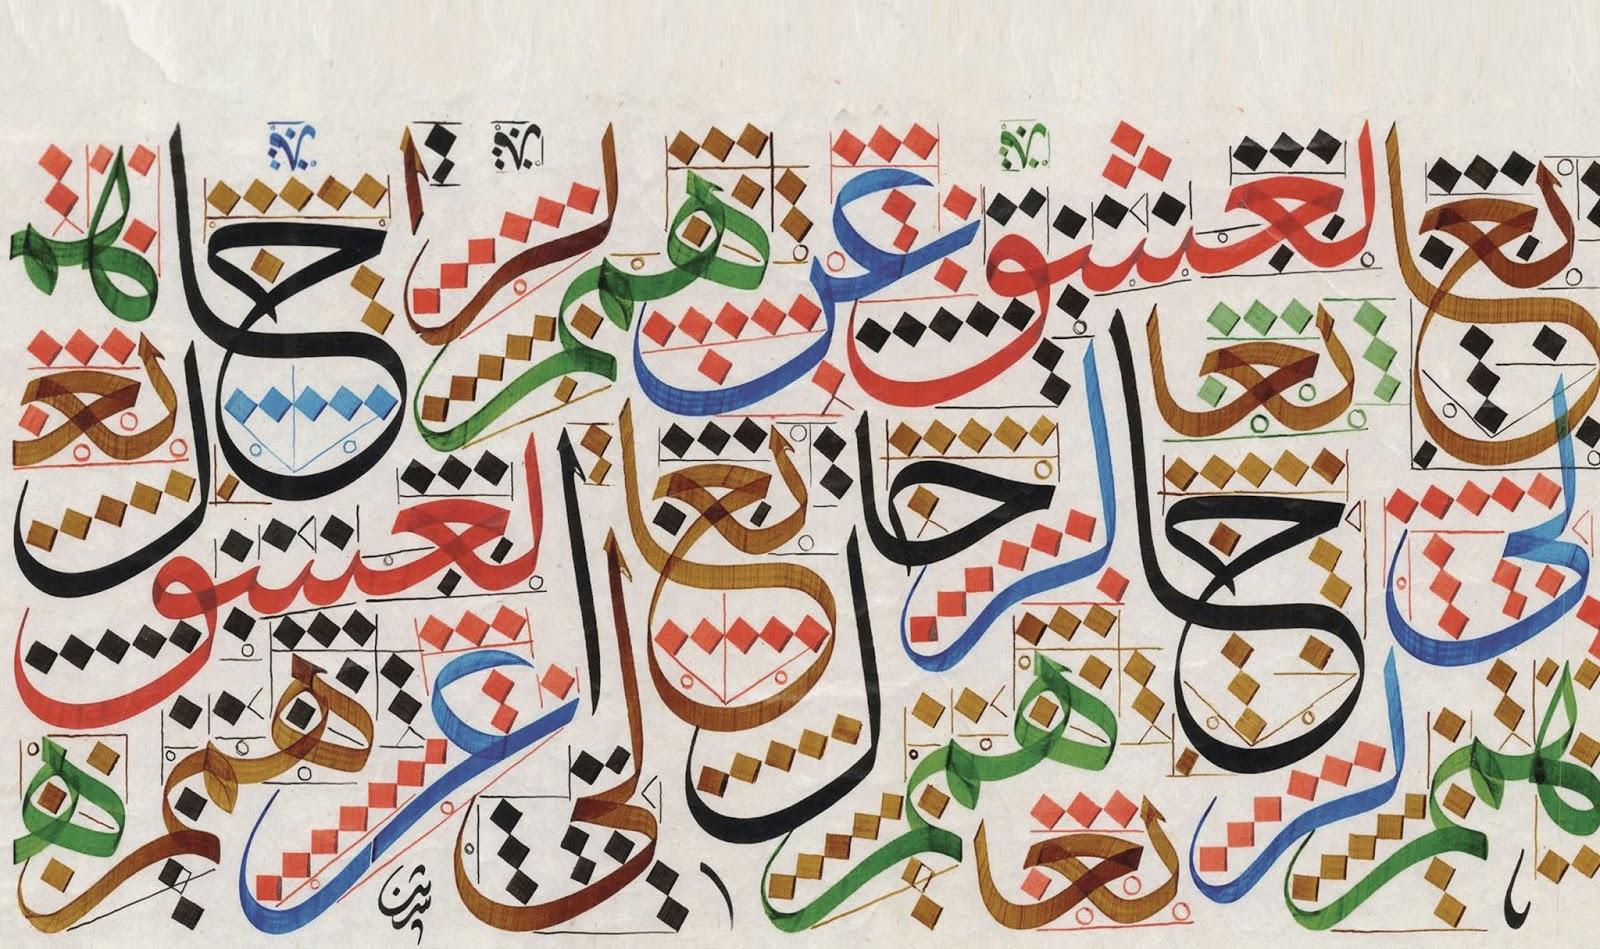 تحميل الخطوط العربية في ملف واحد